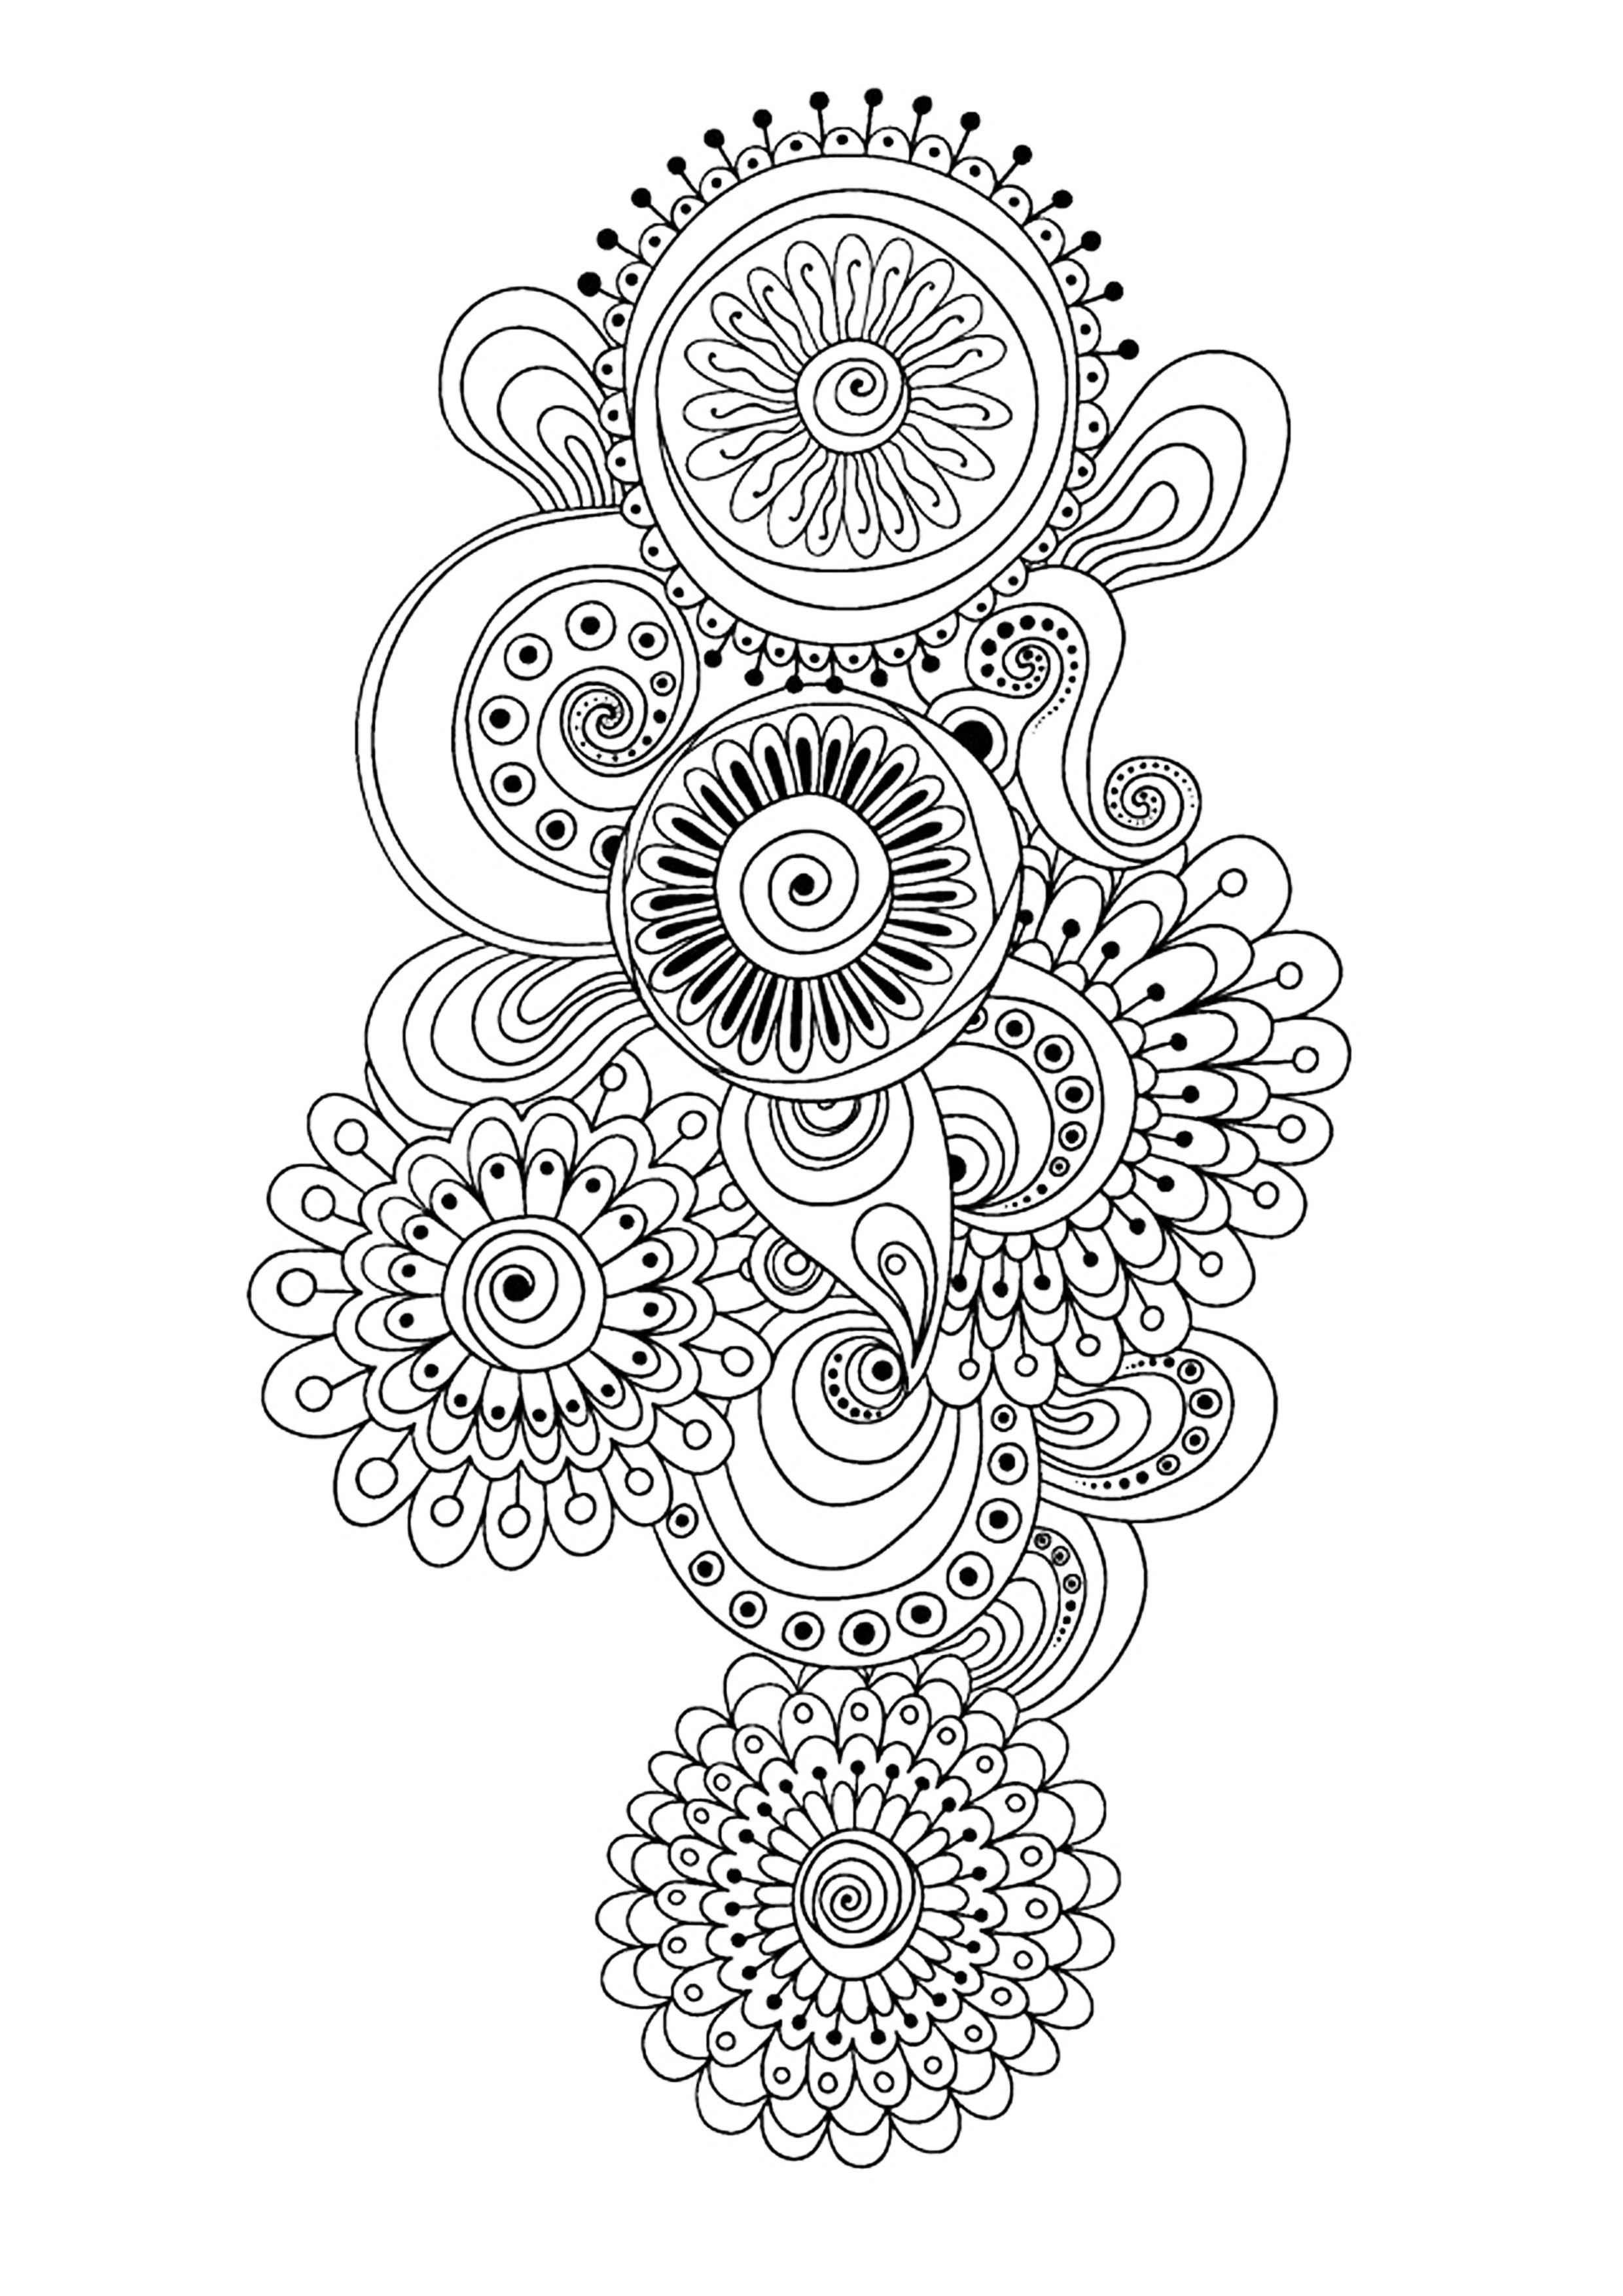 Zen antistress motif abstrait inspiration florale 10 anti stress art th rapie coloriages - Coloriage art therapie ...